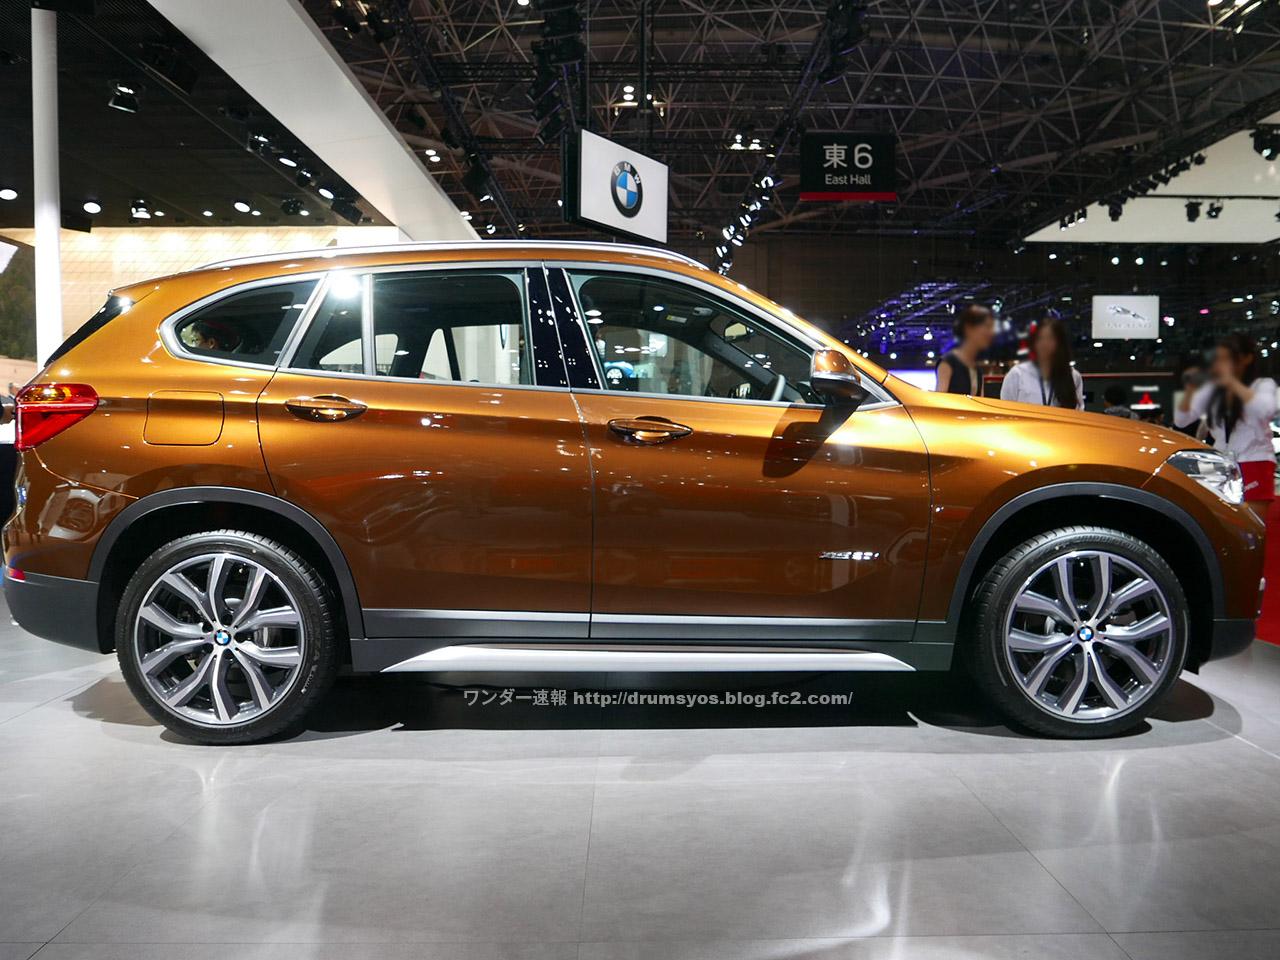 BMWX1_02_2015112300233344d.jpg